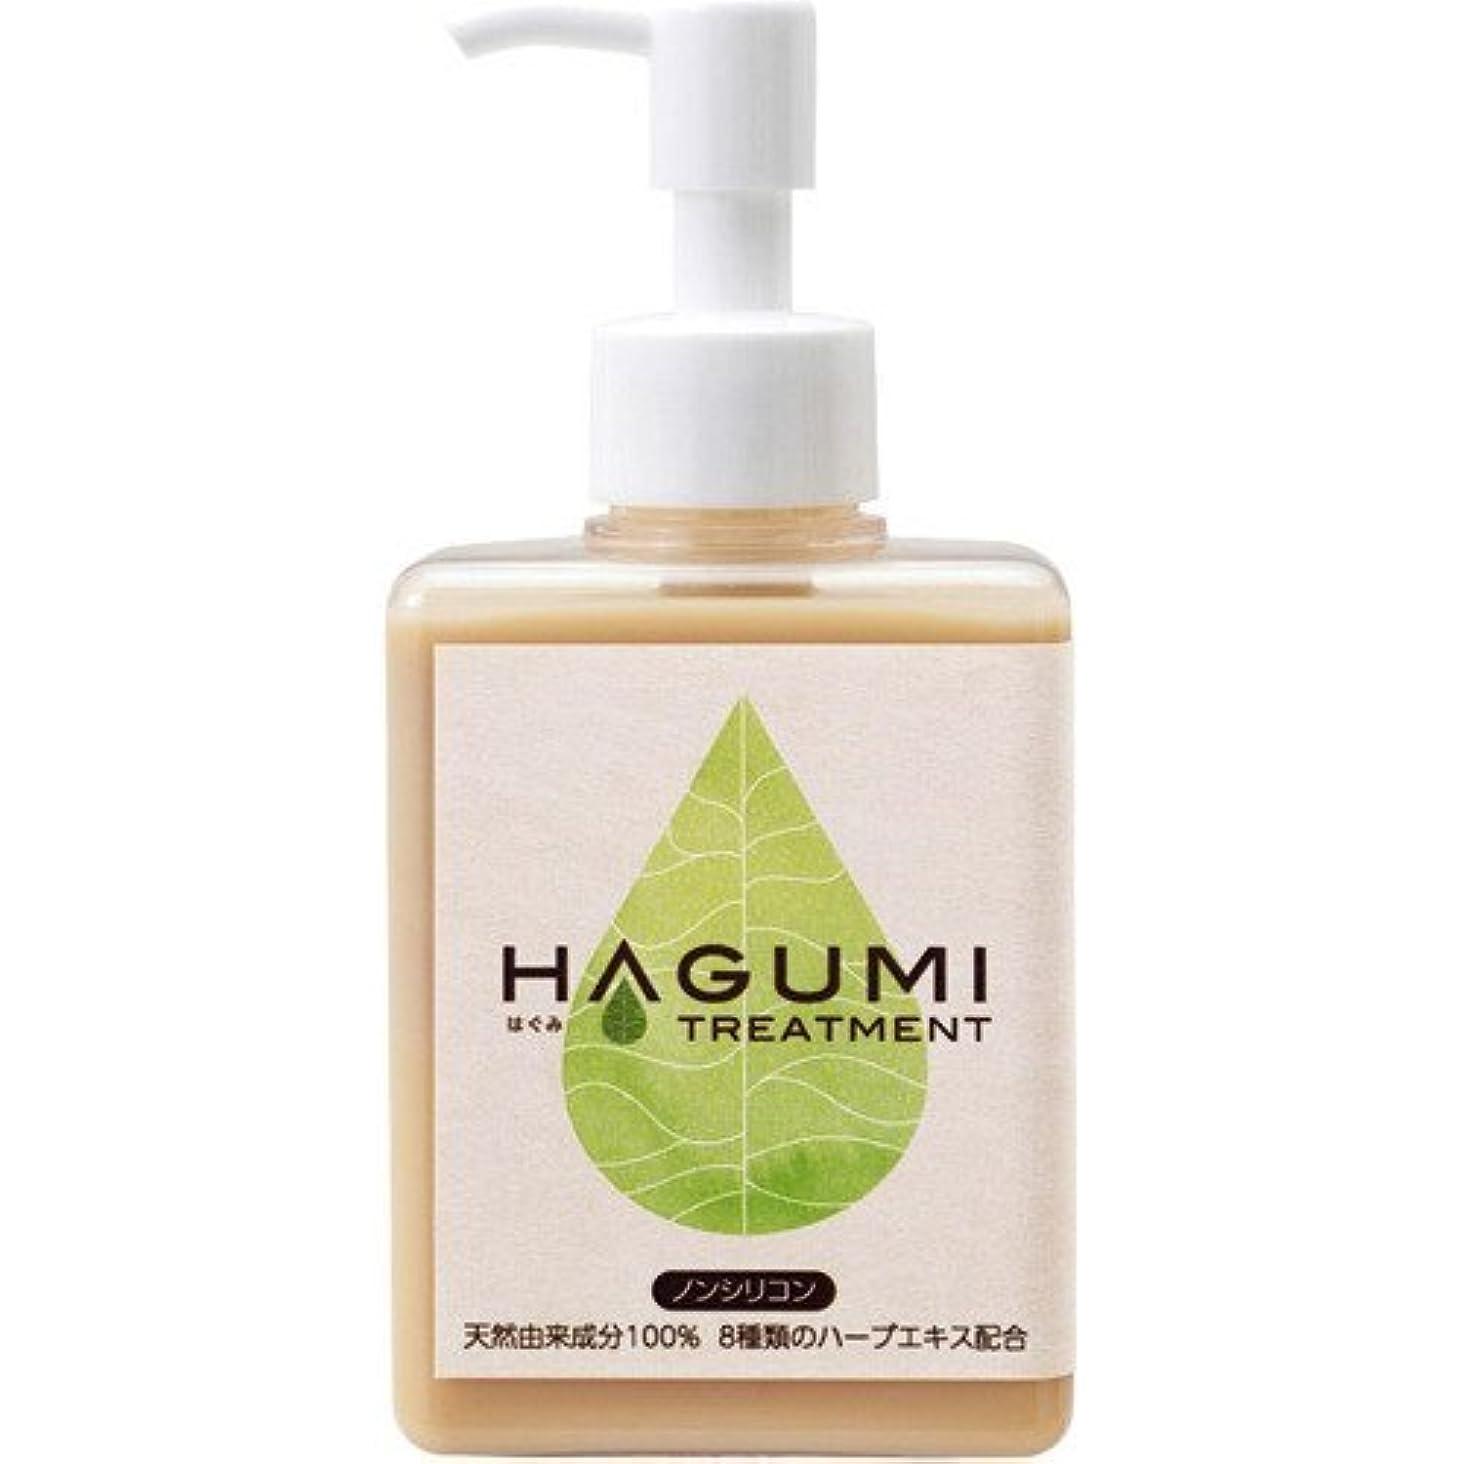 骨リゾート経験者HAGUMI(ハグミ) トリートメント 200ml